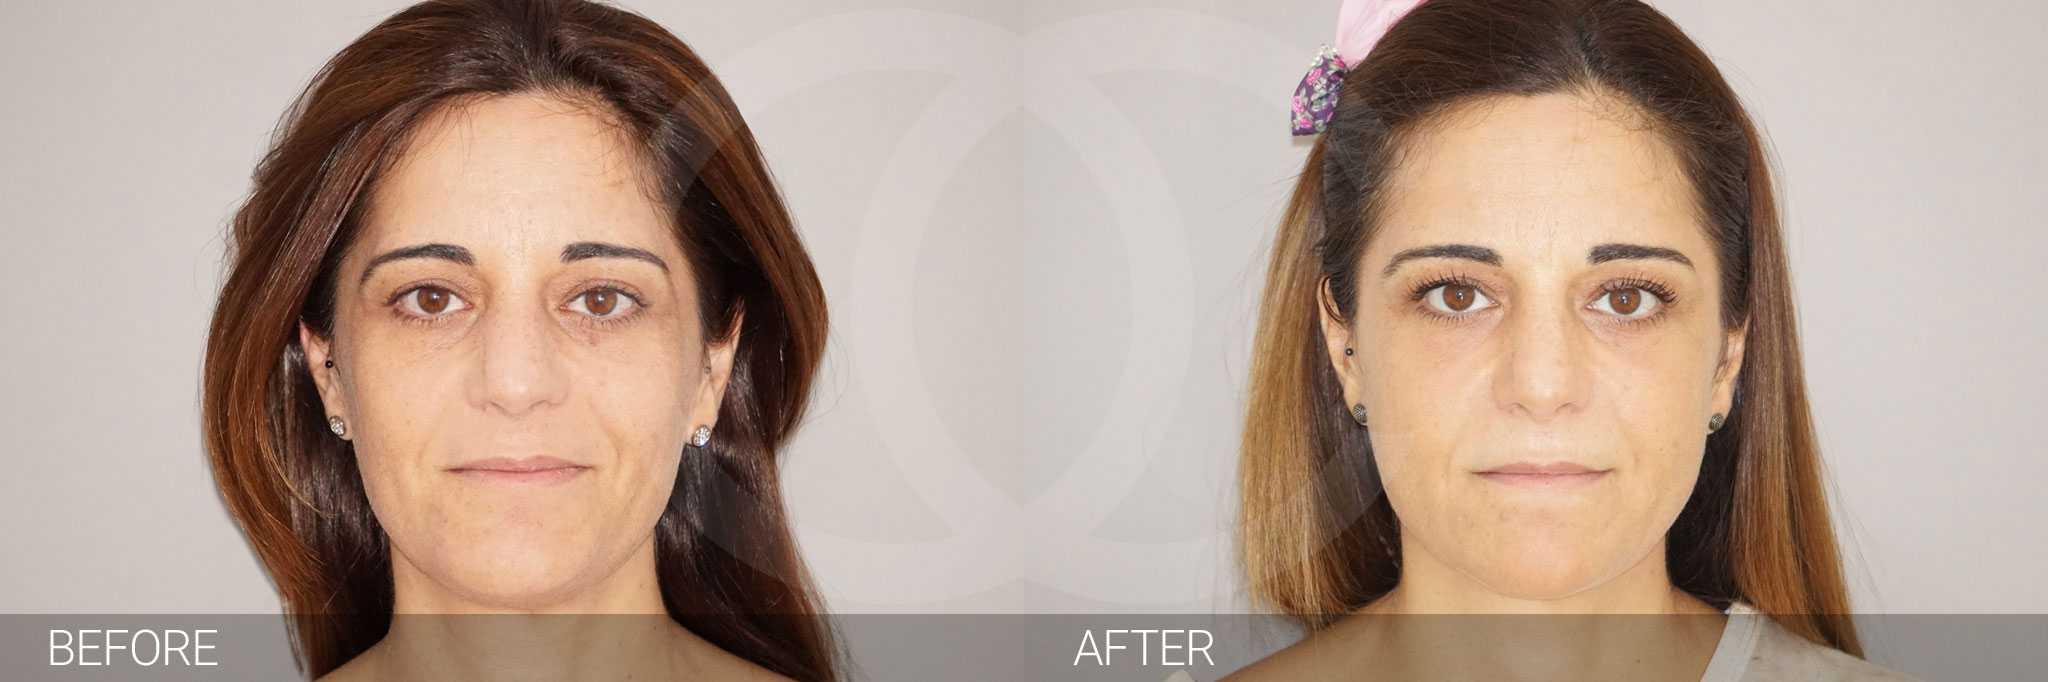 Gesichtsbehandlung mit Eigenfett Gesichtsvolumenverlust ante/post-op I